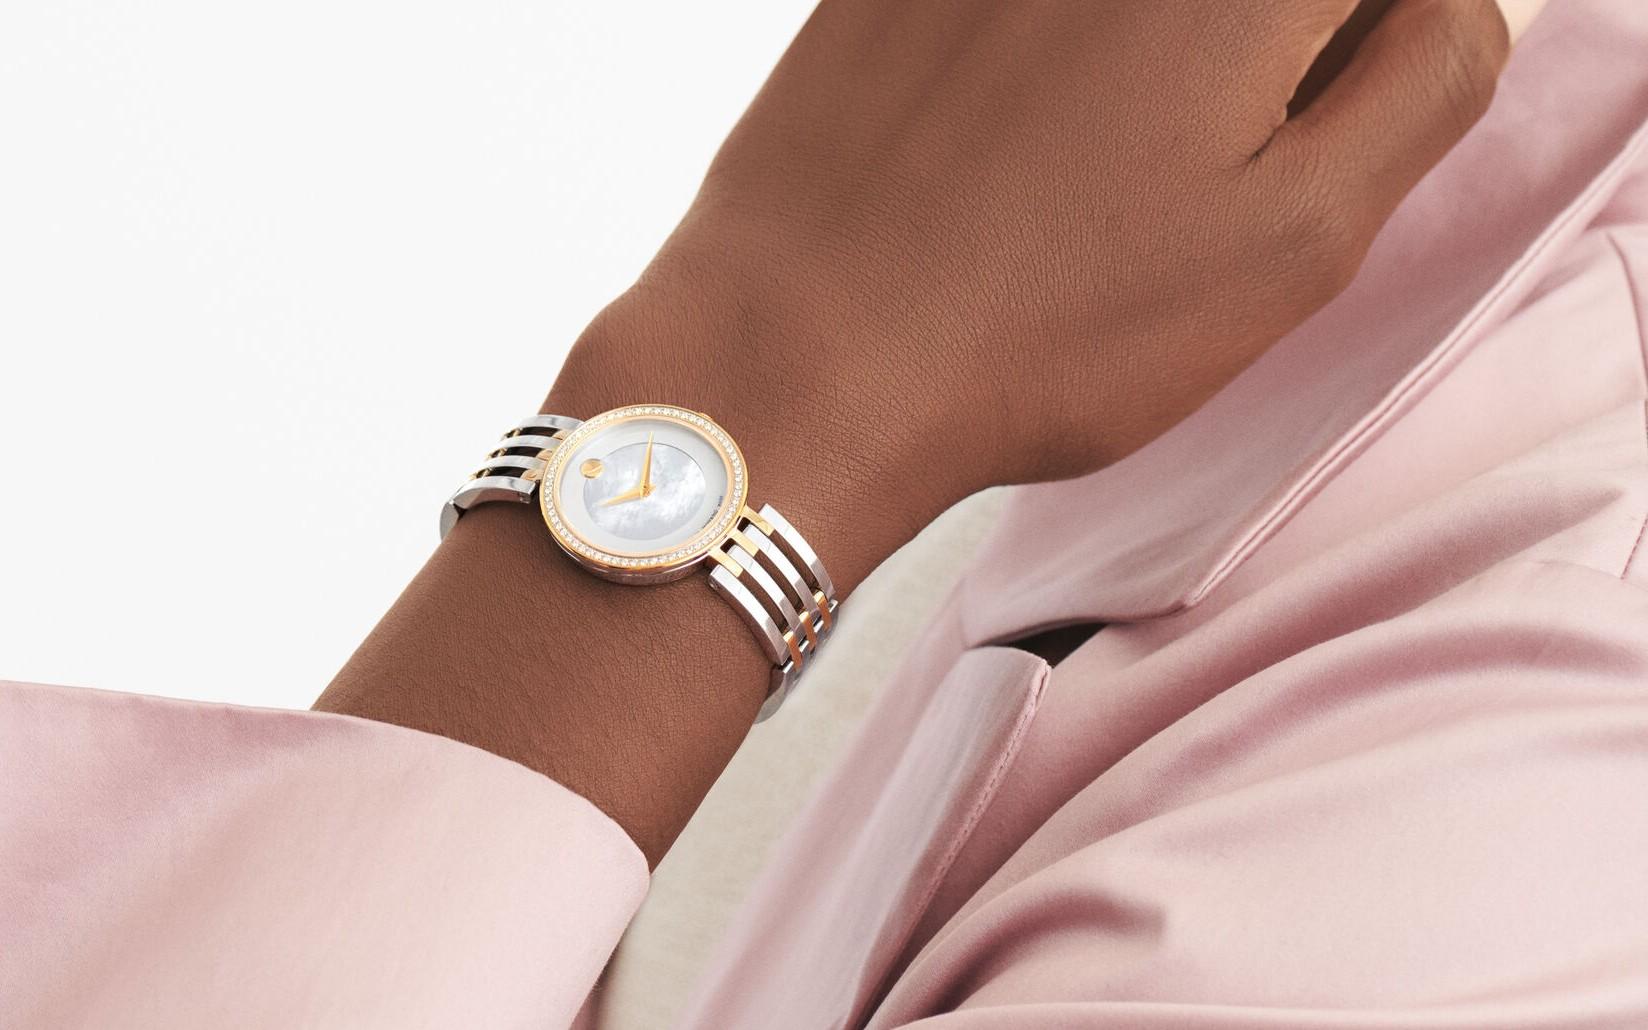 Đồng hồ nữ Movado Esperanza máy pin đang giảm giá rất tốt tại Mỹ